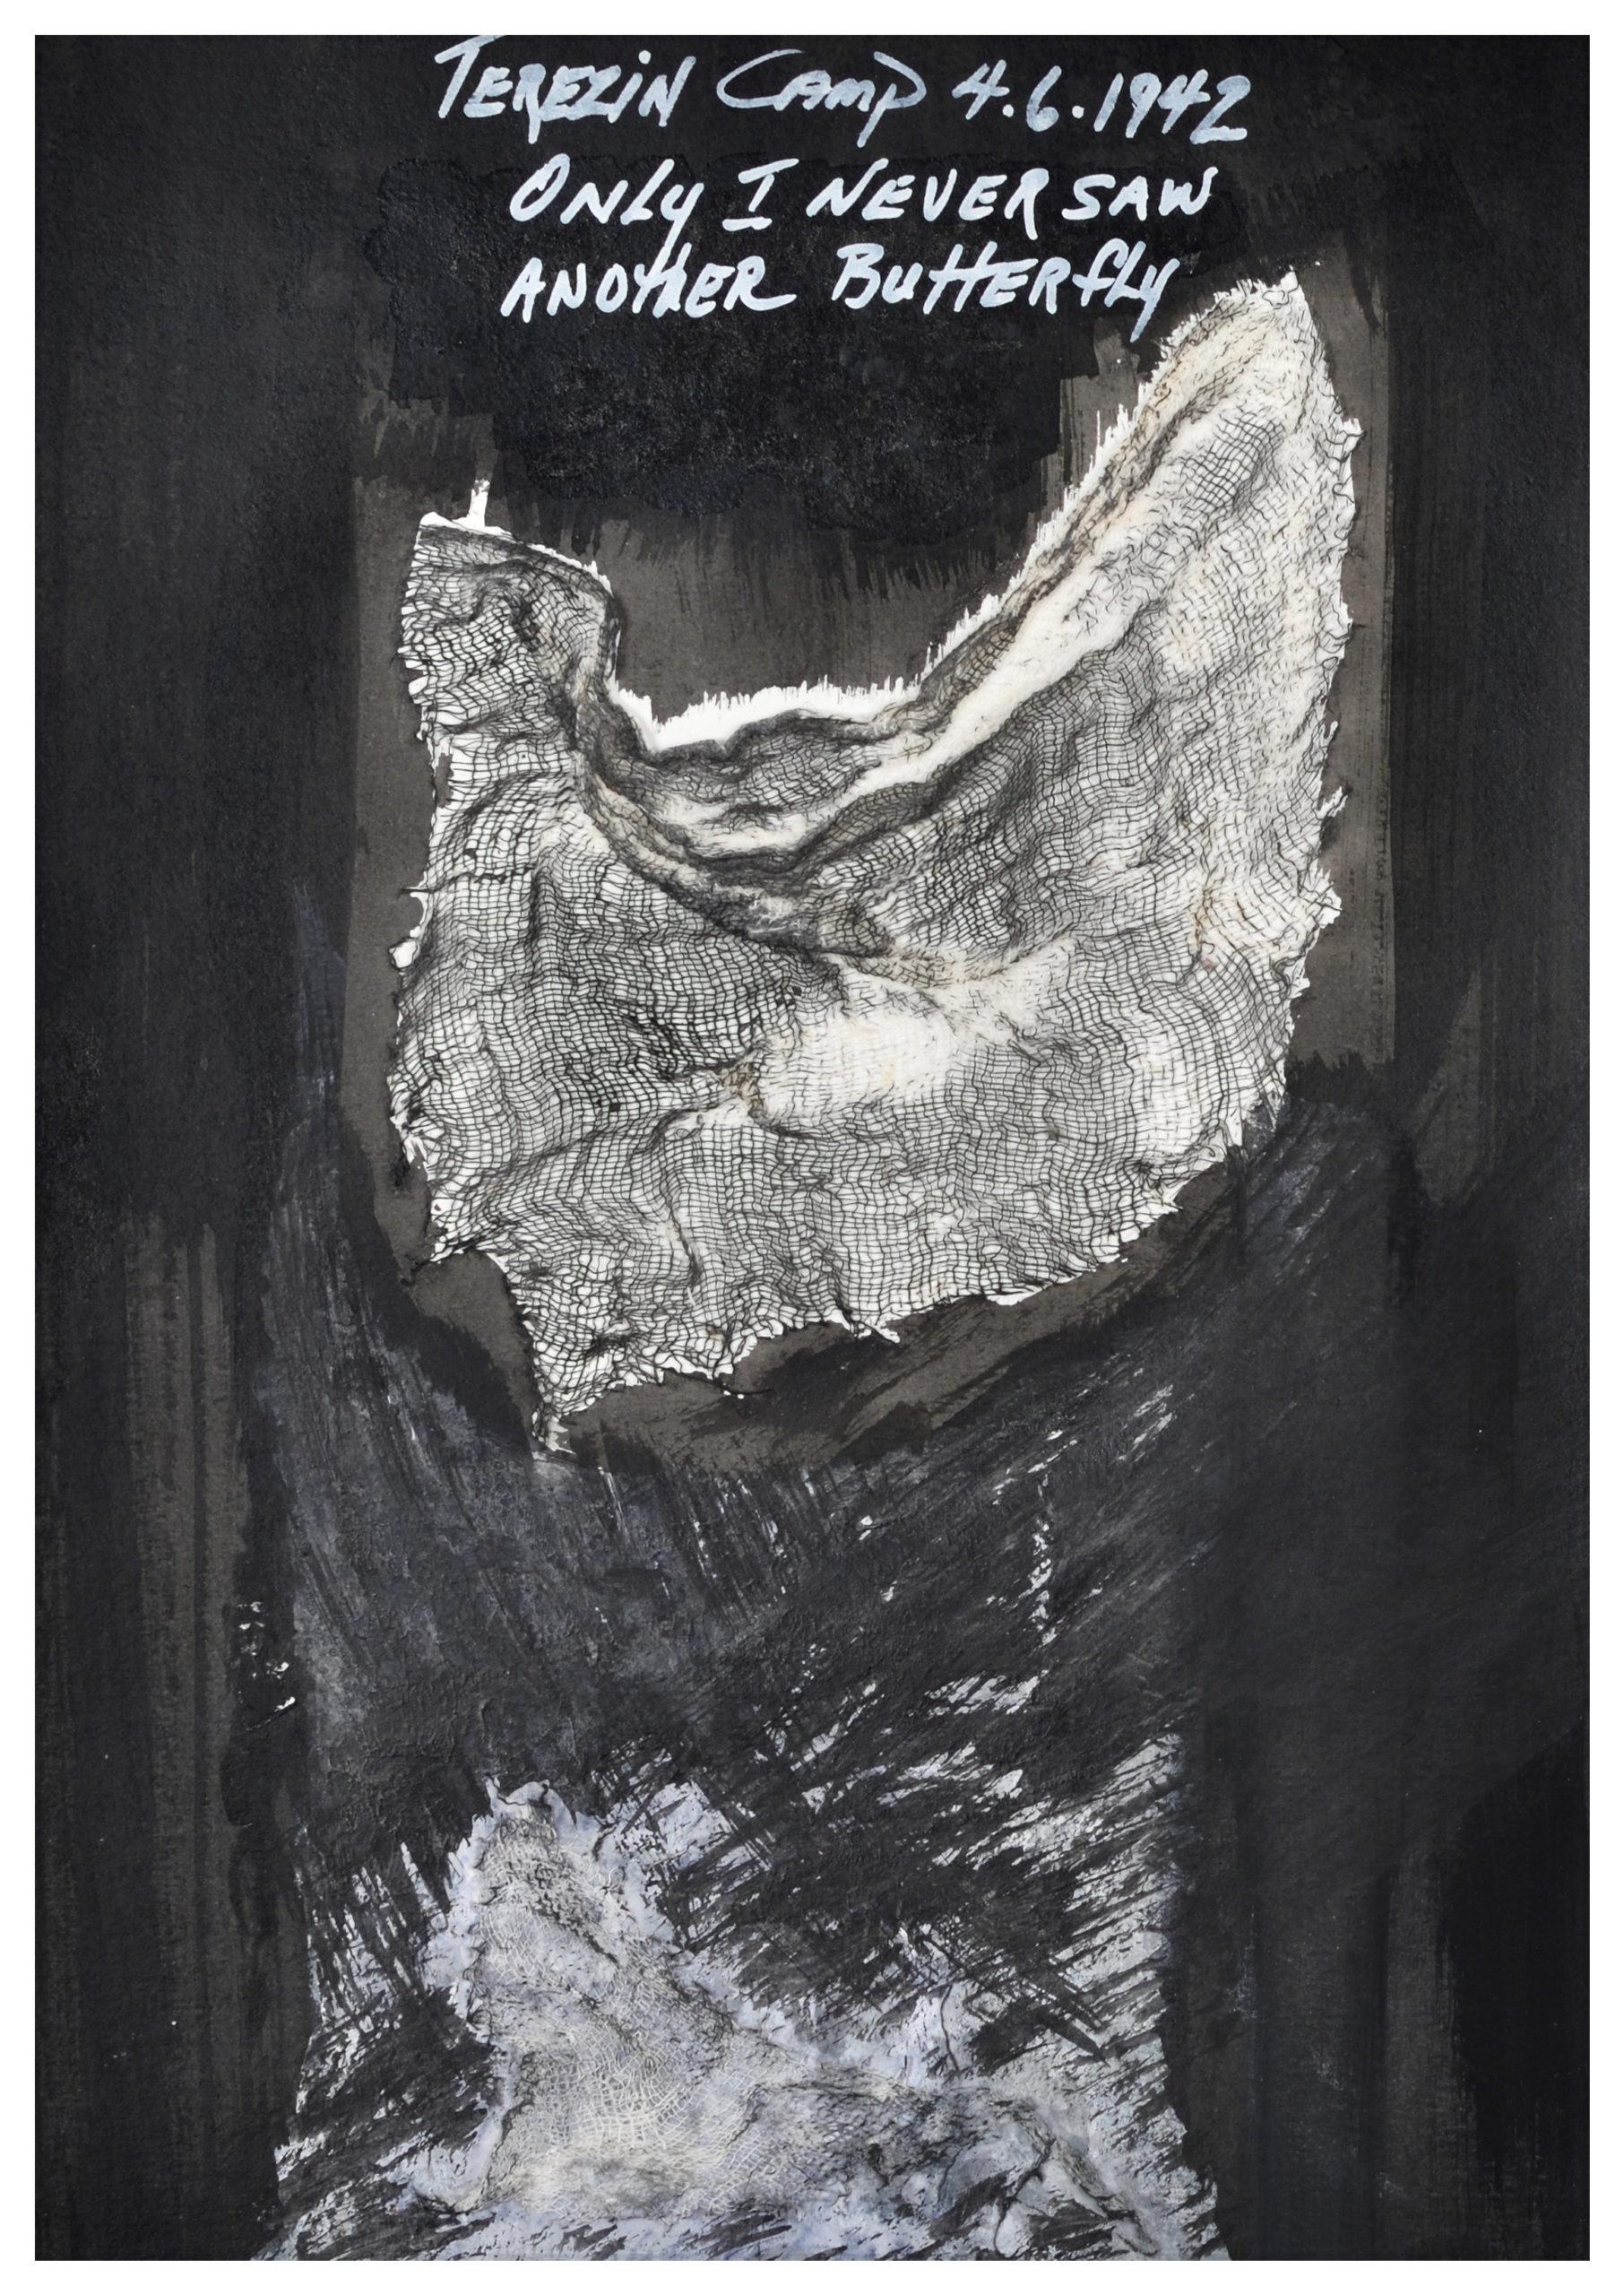 Carolyn Carlson Terezin Camp 4.6.1942 2019 Encre de chine, gouache et tissu sur papier 29,7 x 21 cm